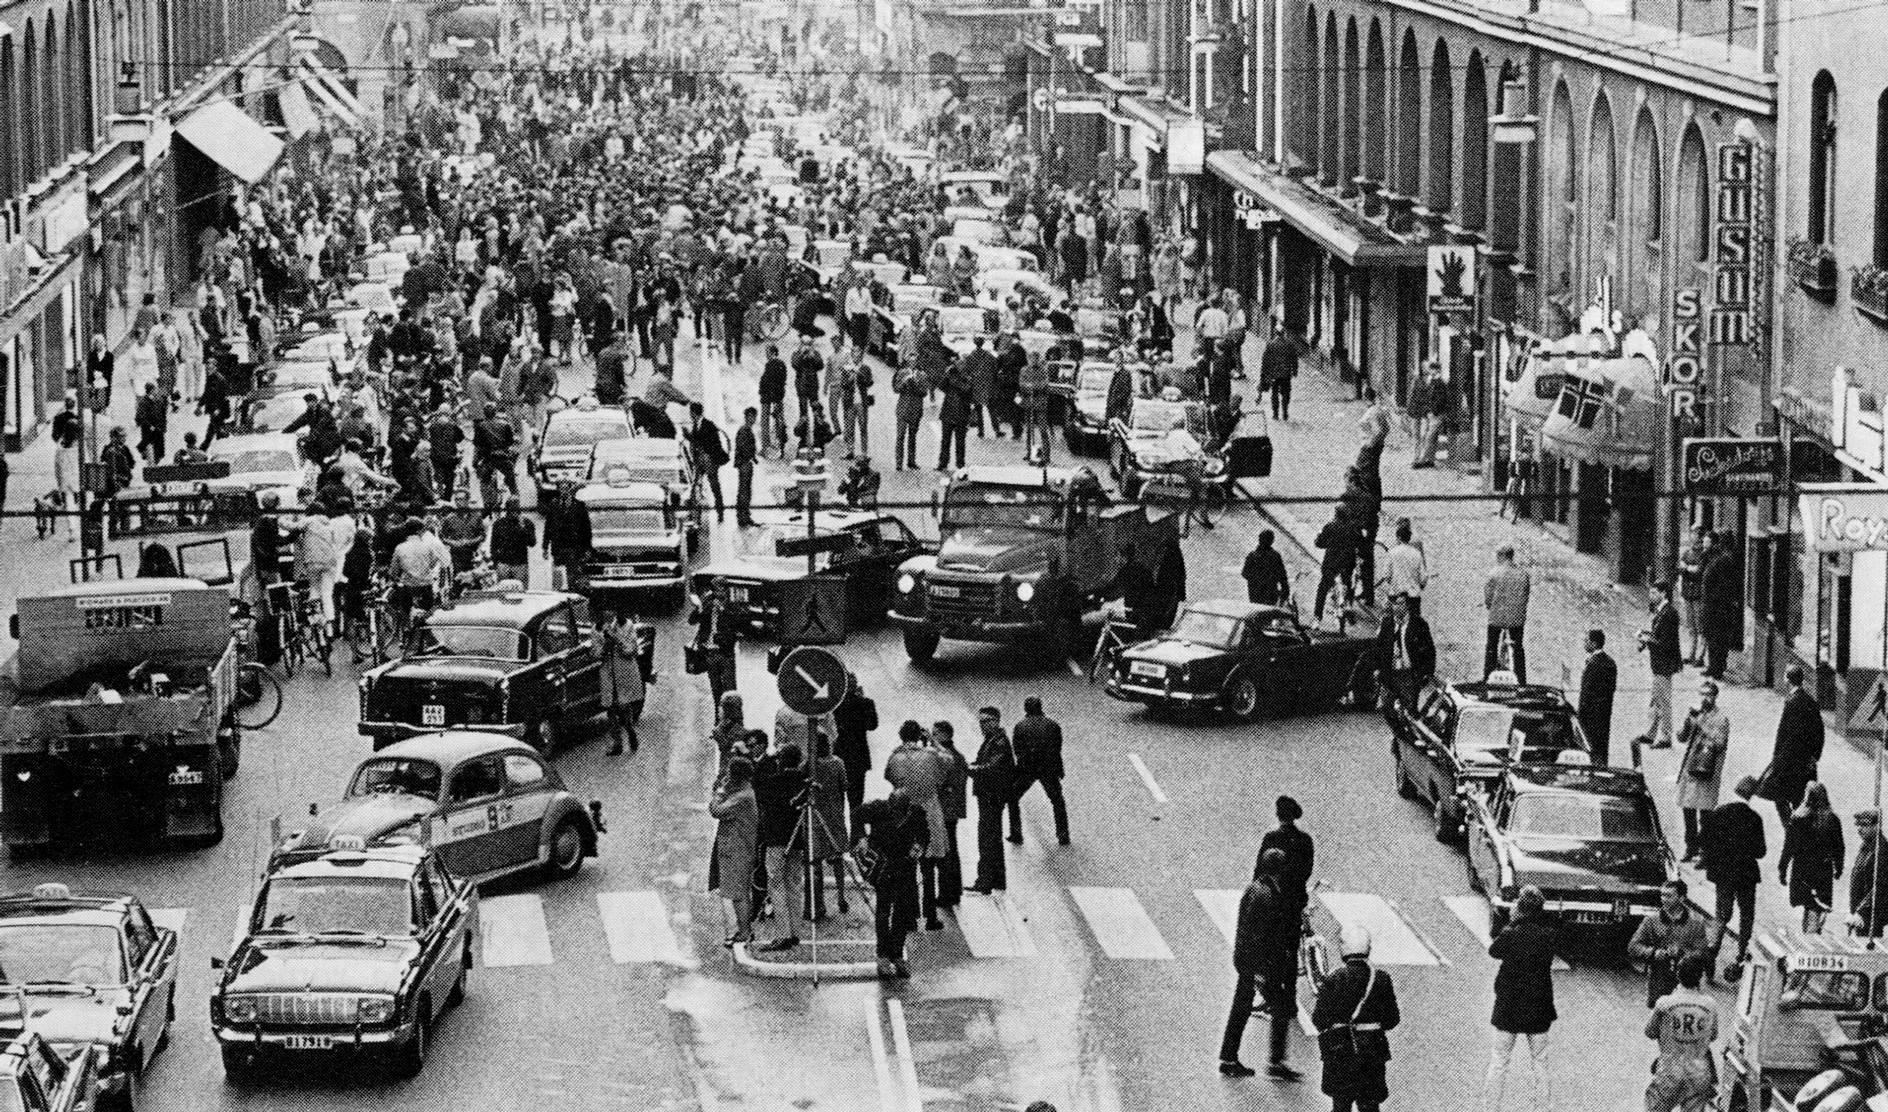 hgertrafikomlggningen, September 3, 1967